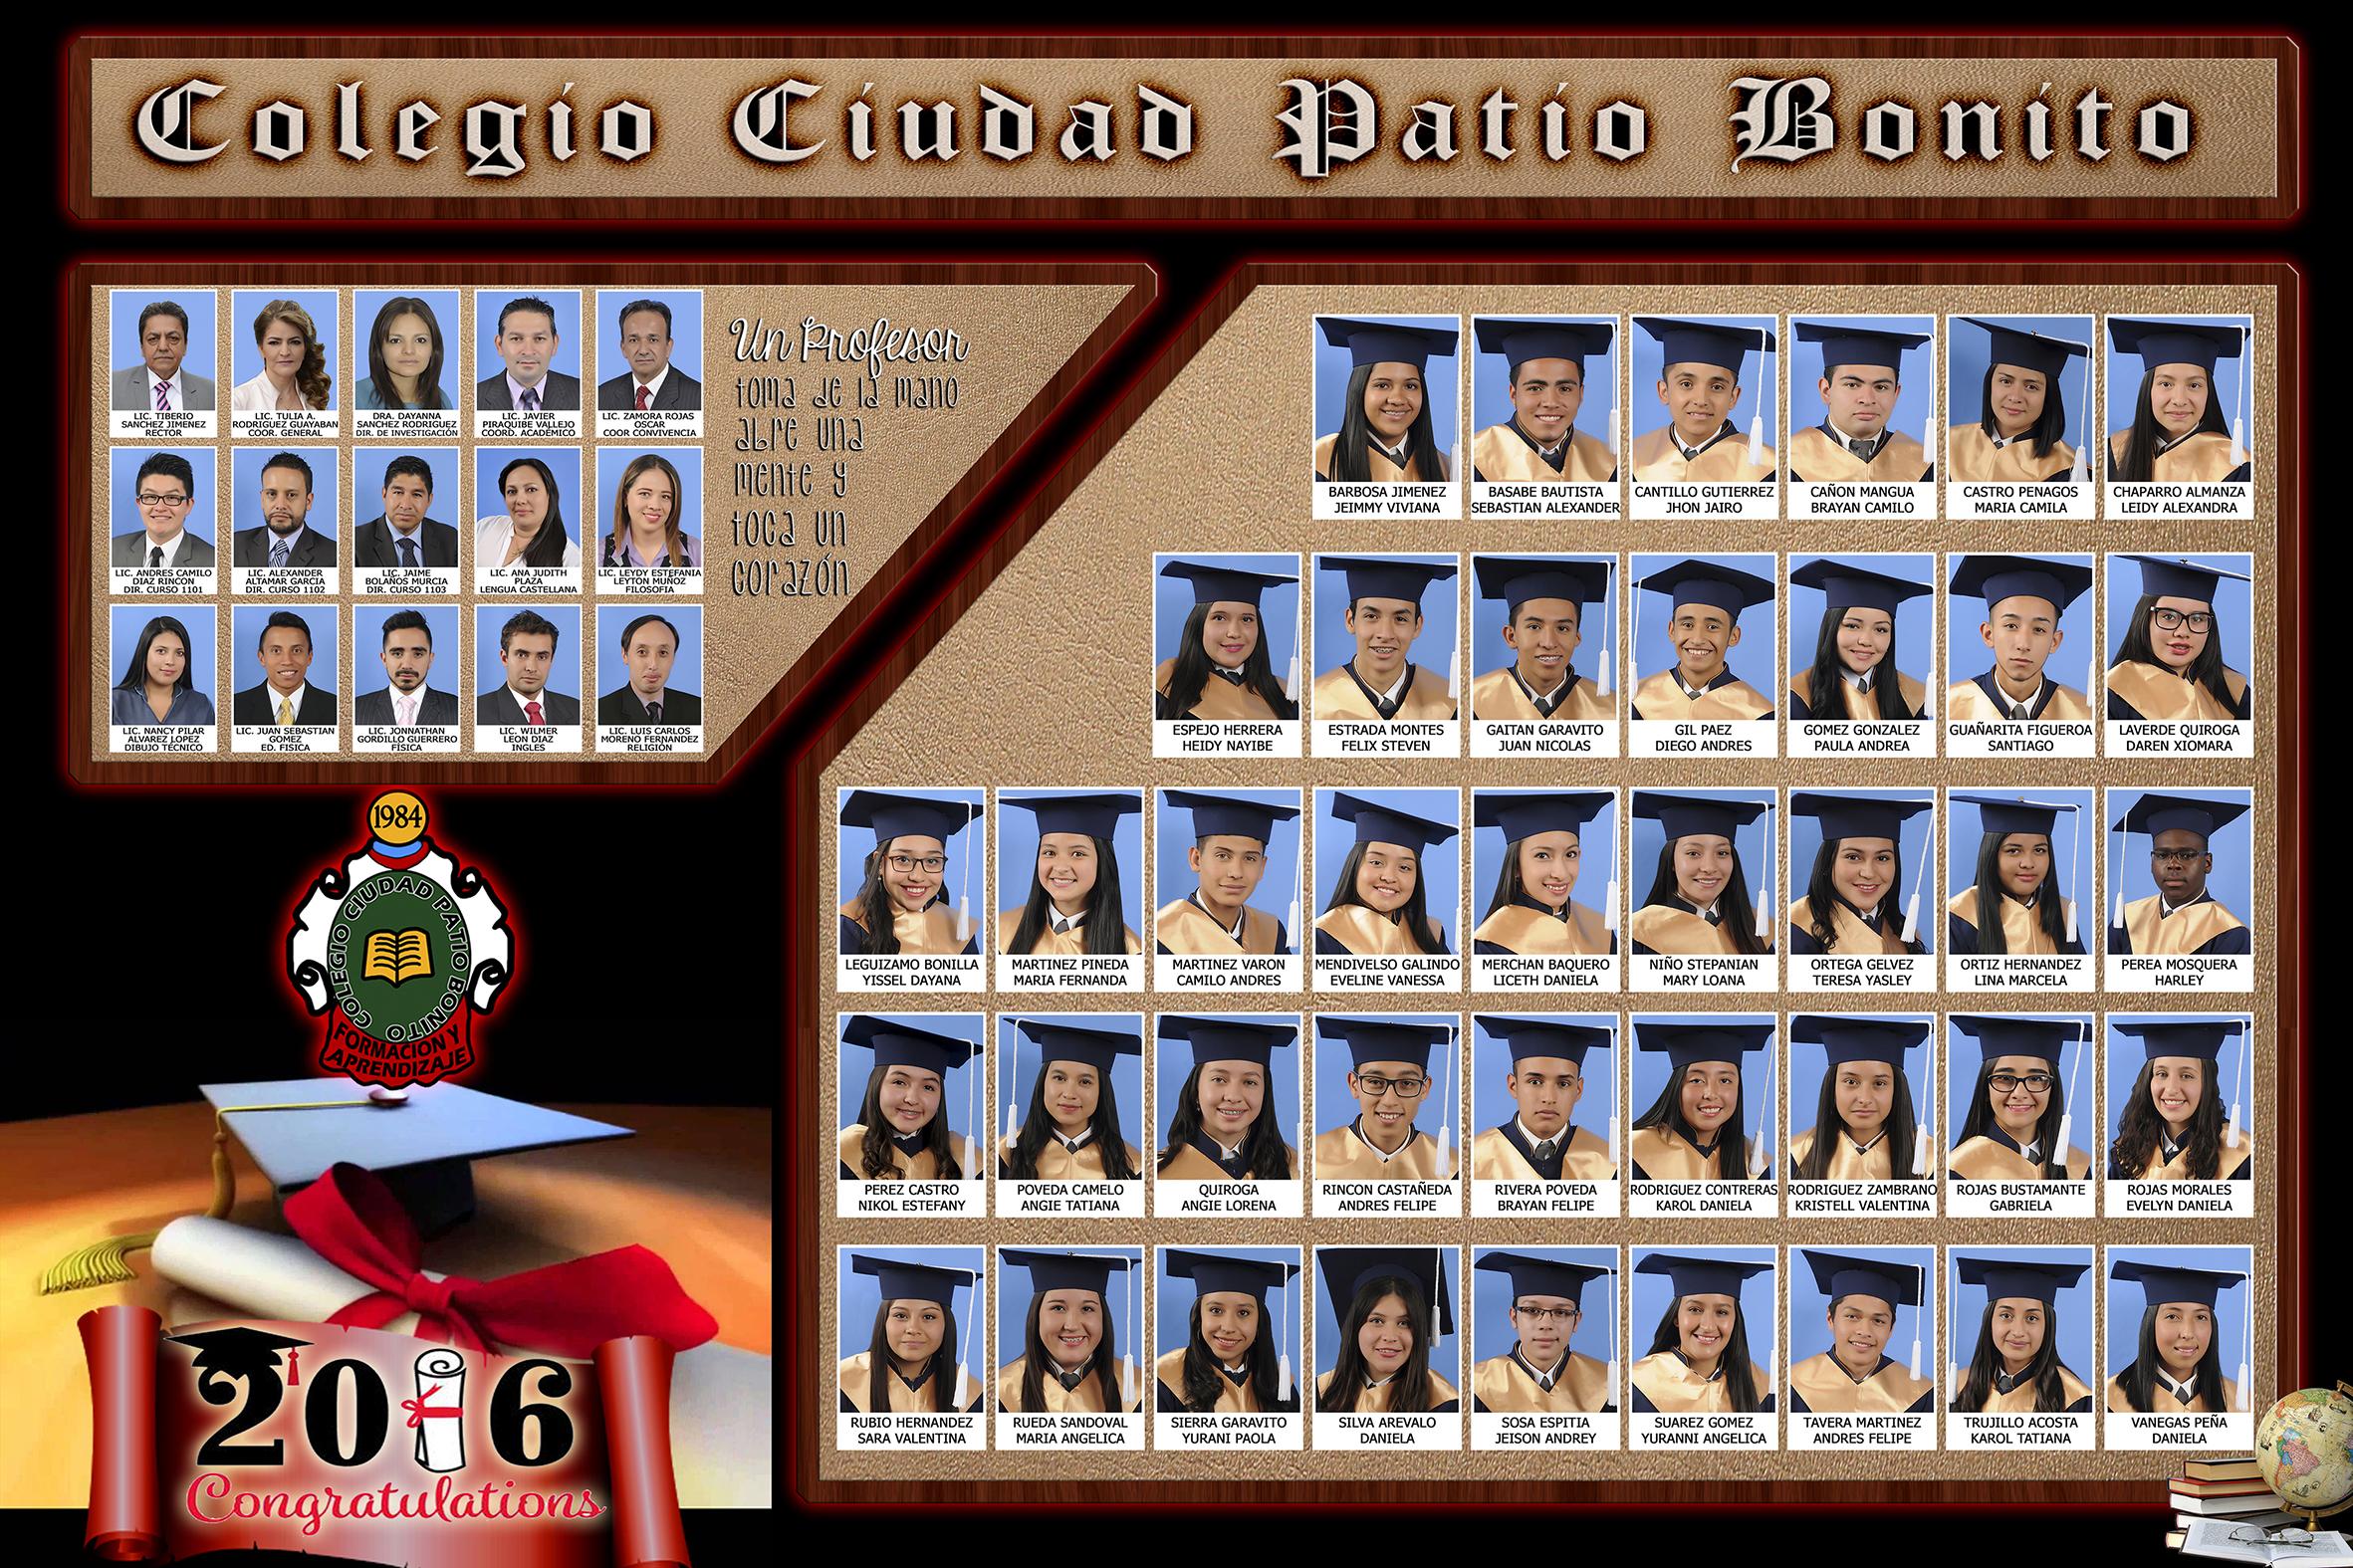 MOSAICO PATIO BONITO 2016 - 1102 - 40 COPIAS